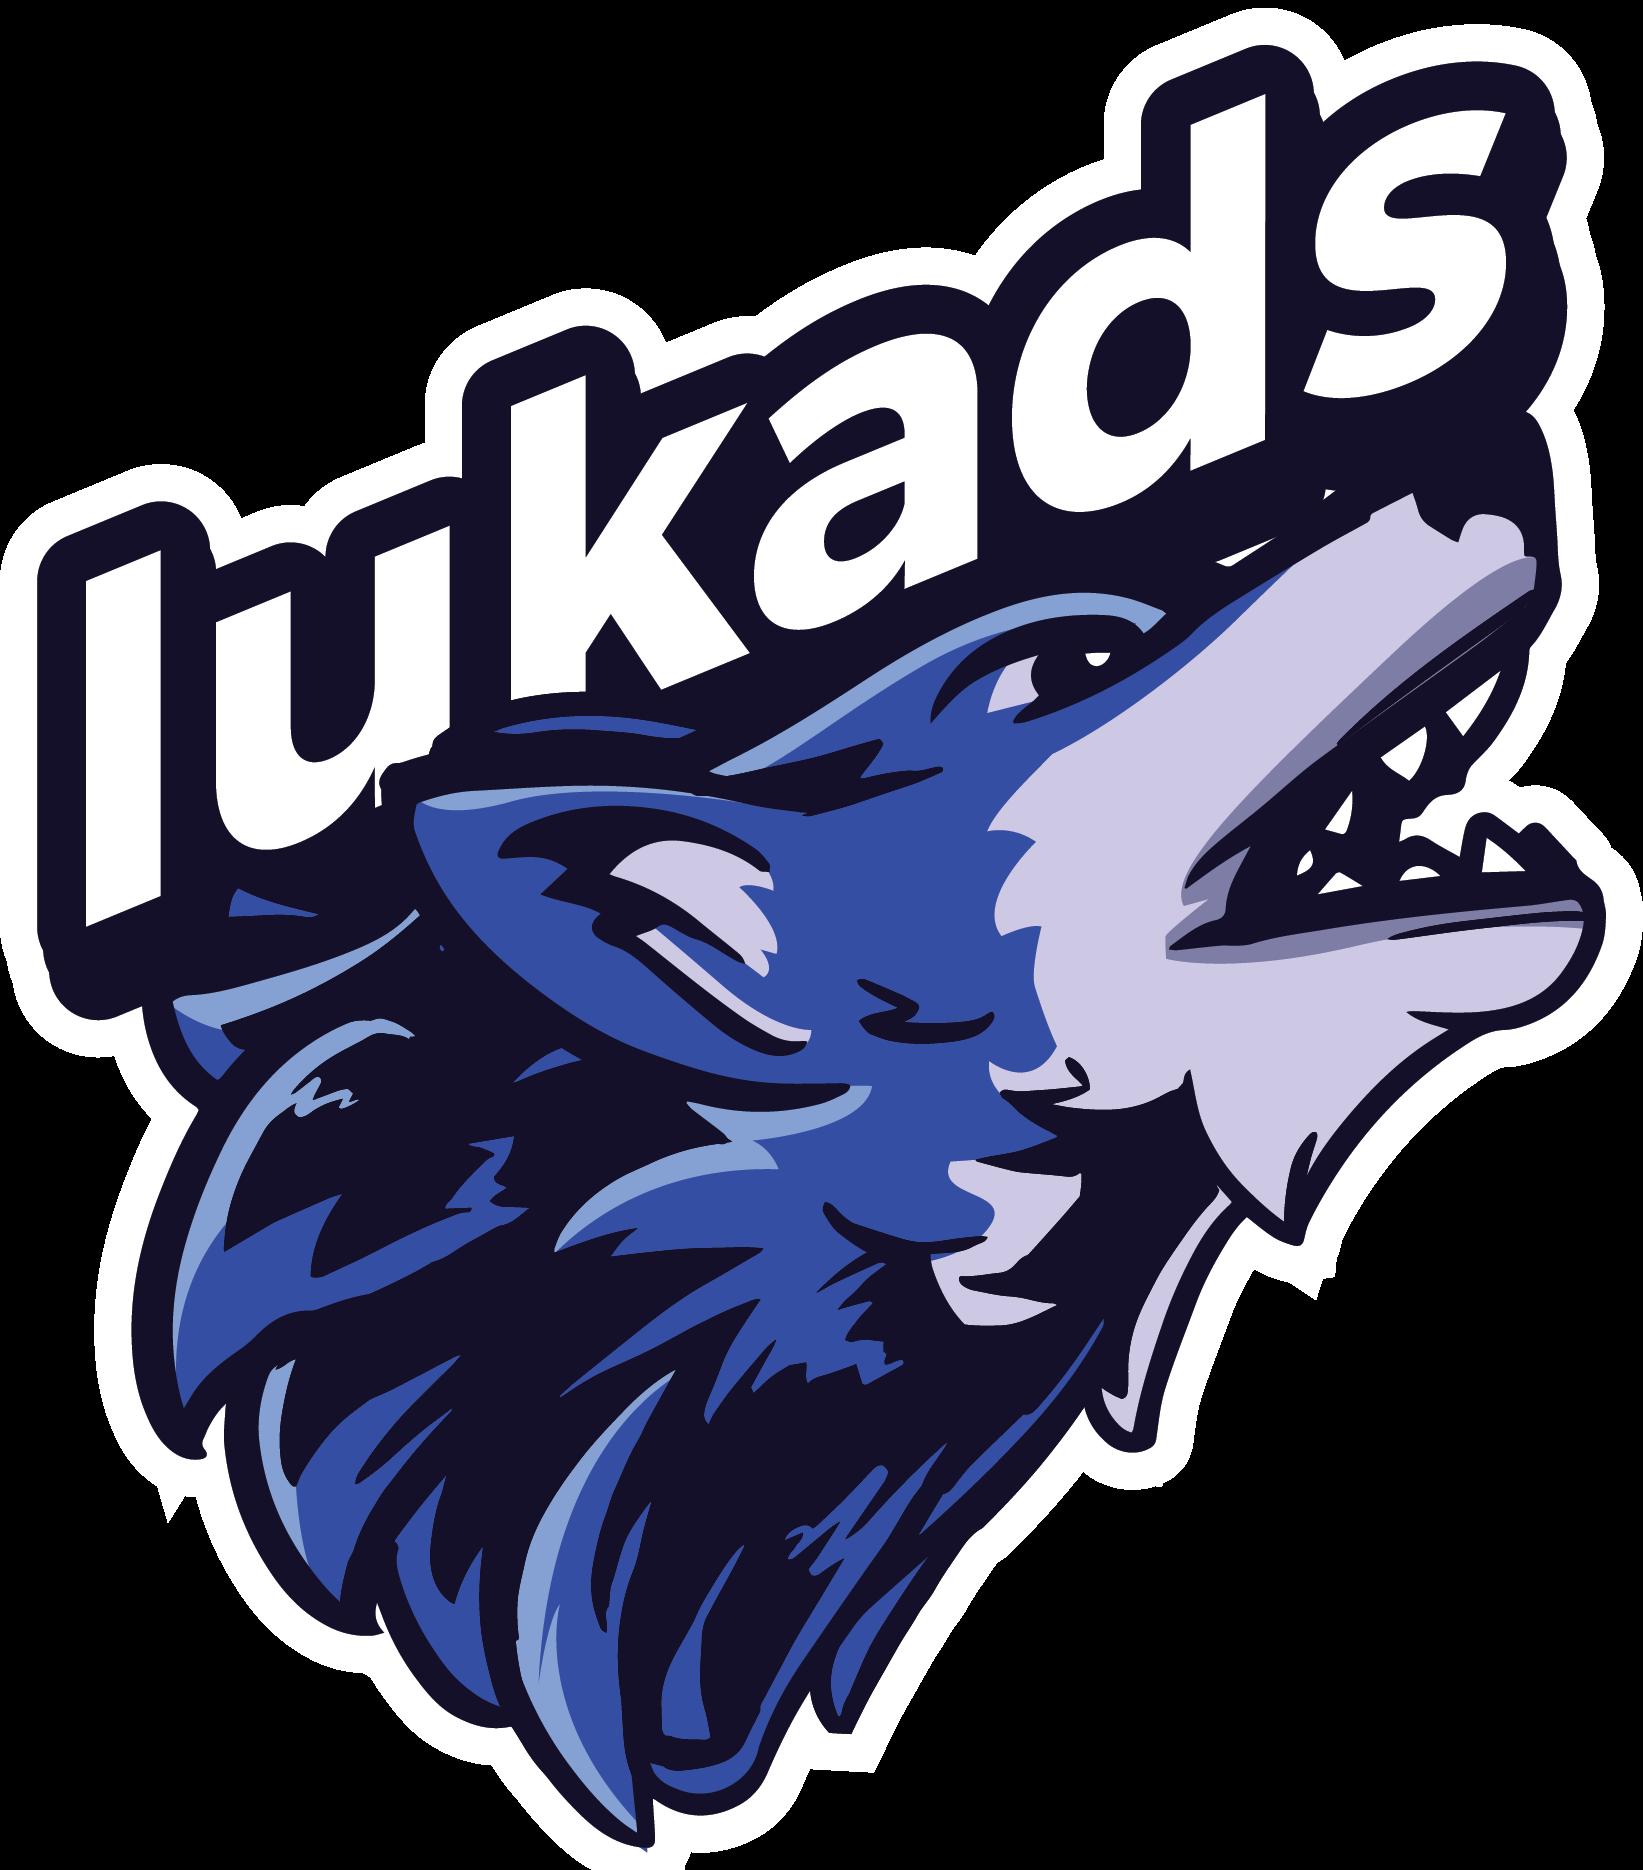 lukads.com